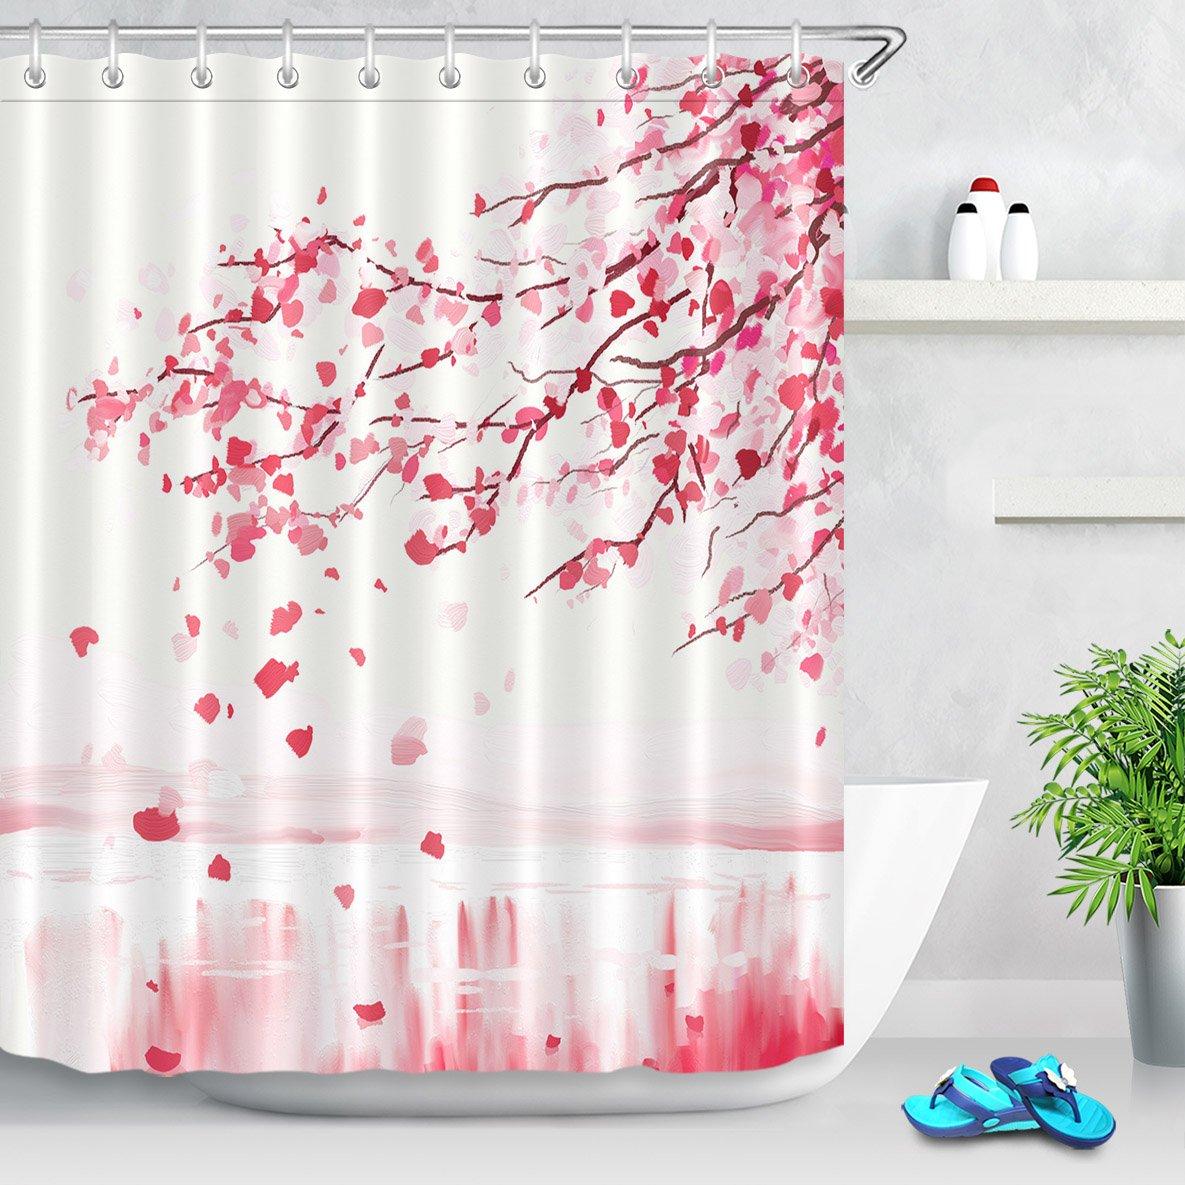 180 x 180 01 Moda Vintage impermeabile tende da doccia antibatterico e resistente alla muffa bagno della tenda Decor